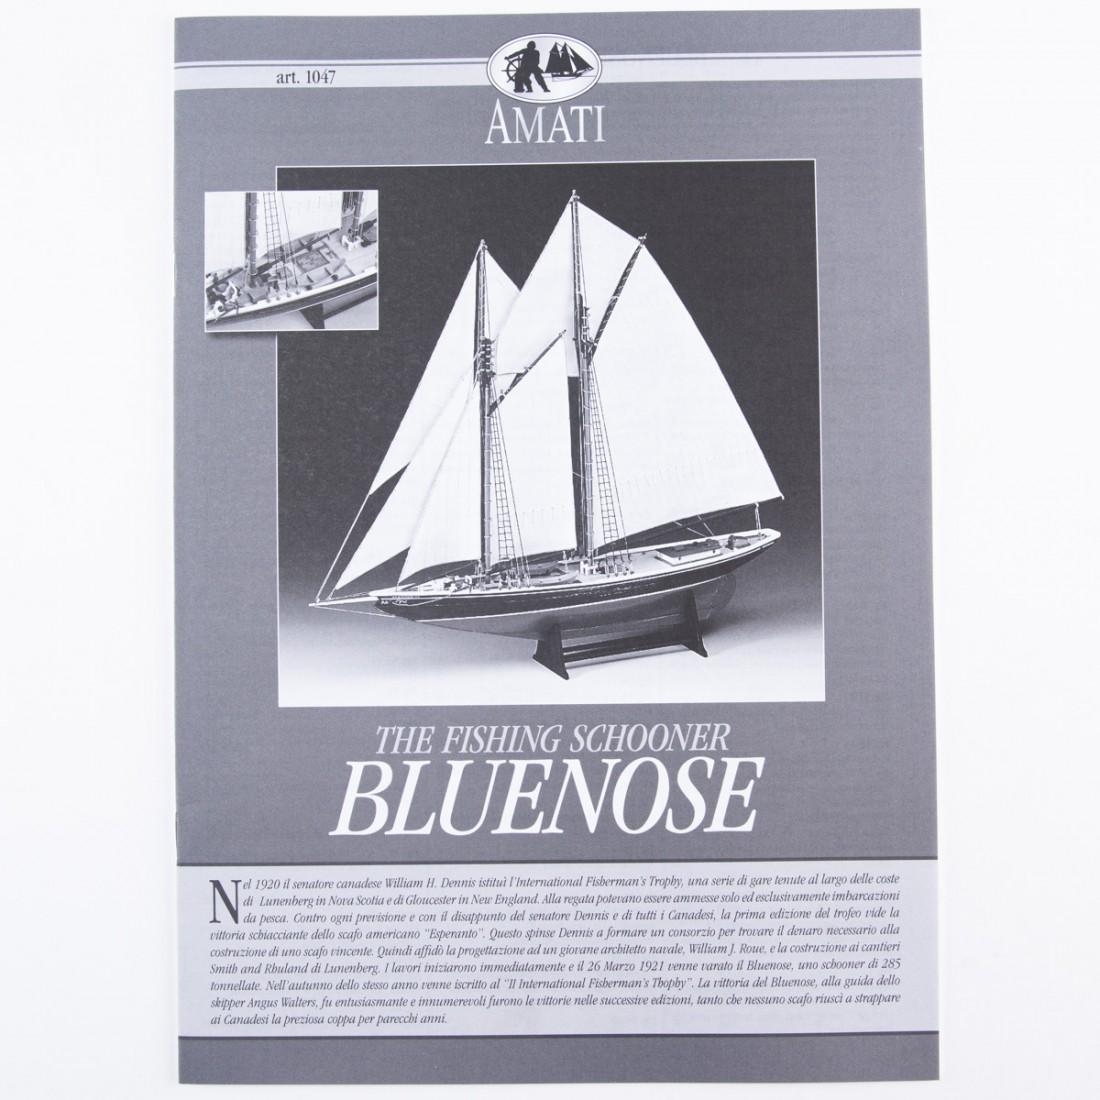 Piano costruzione Bluenose